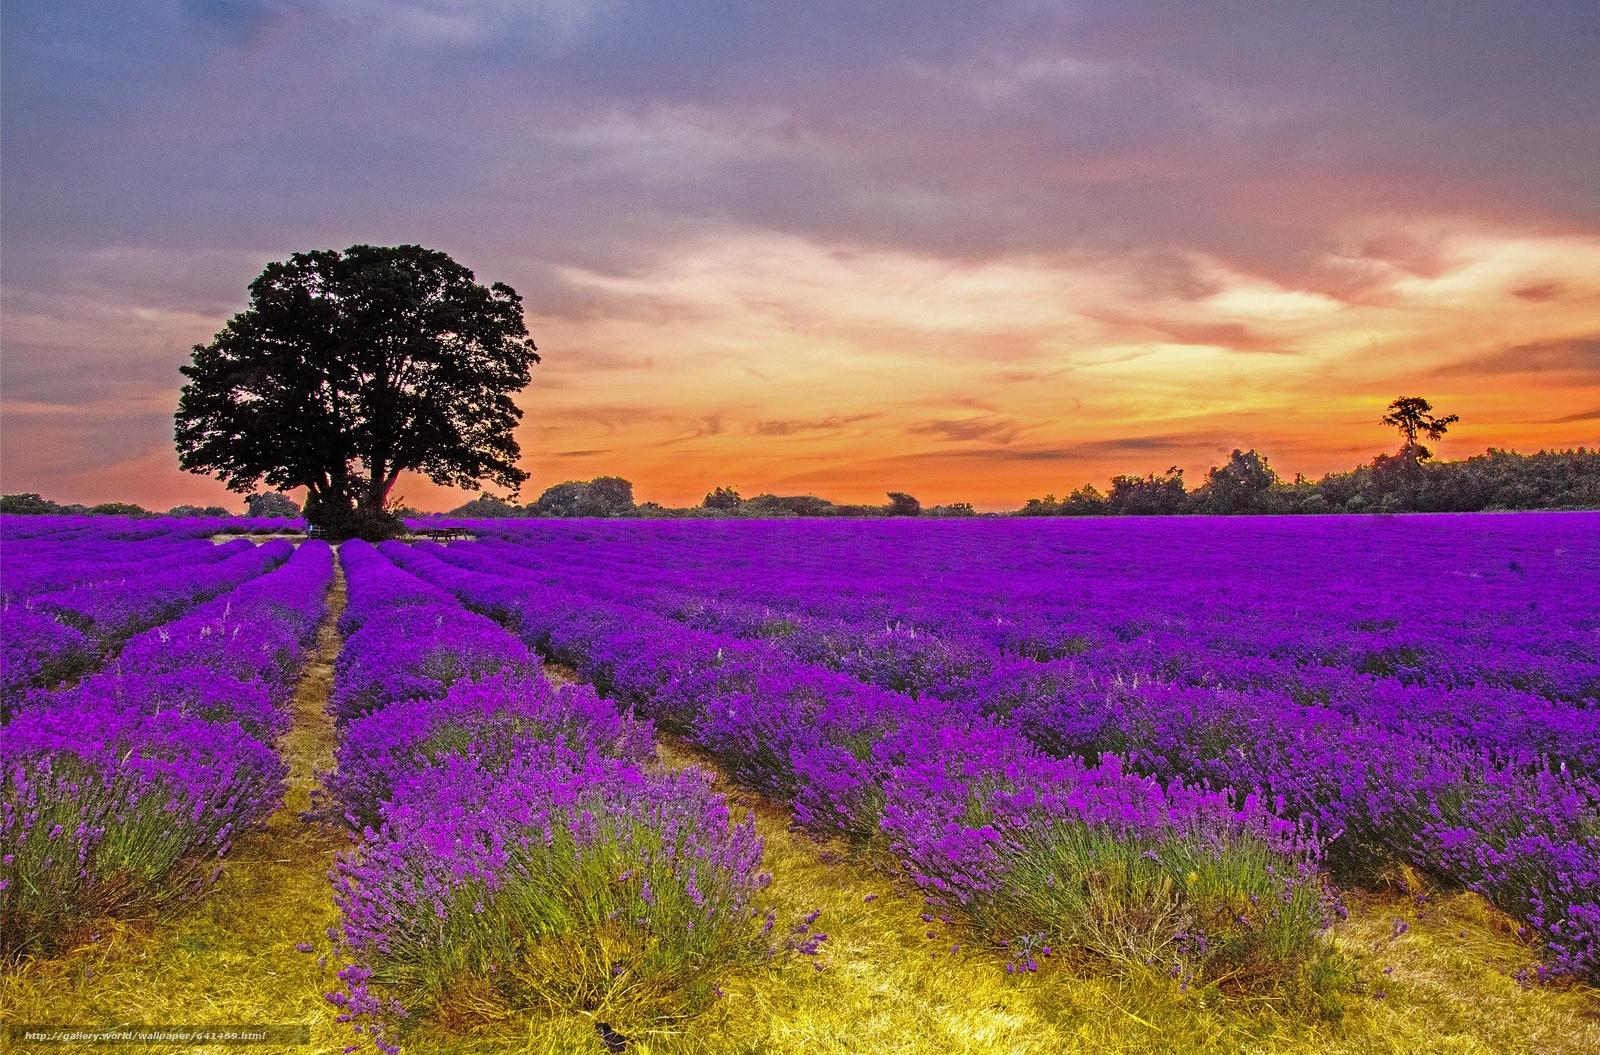 Скачать обои закат,  поле,  лаванда,  дерево бесплатно для рабочего стола в разрешении 4884x3220 — картинка №641469